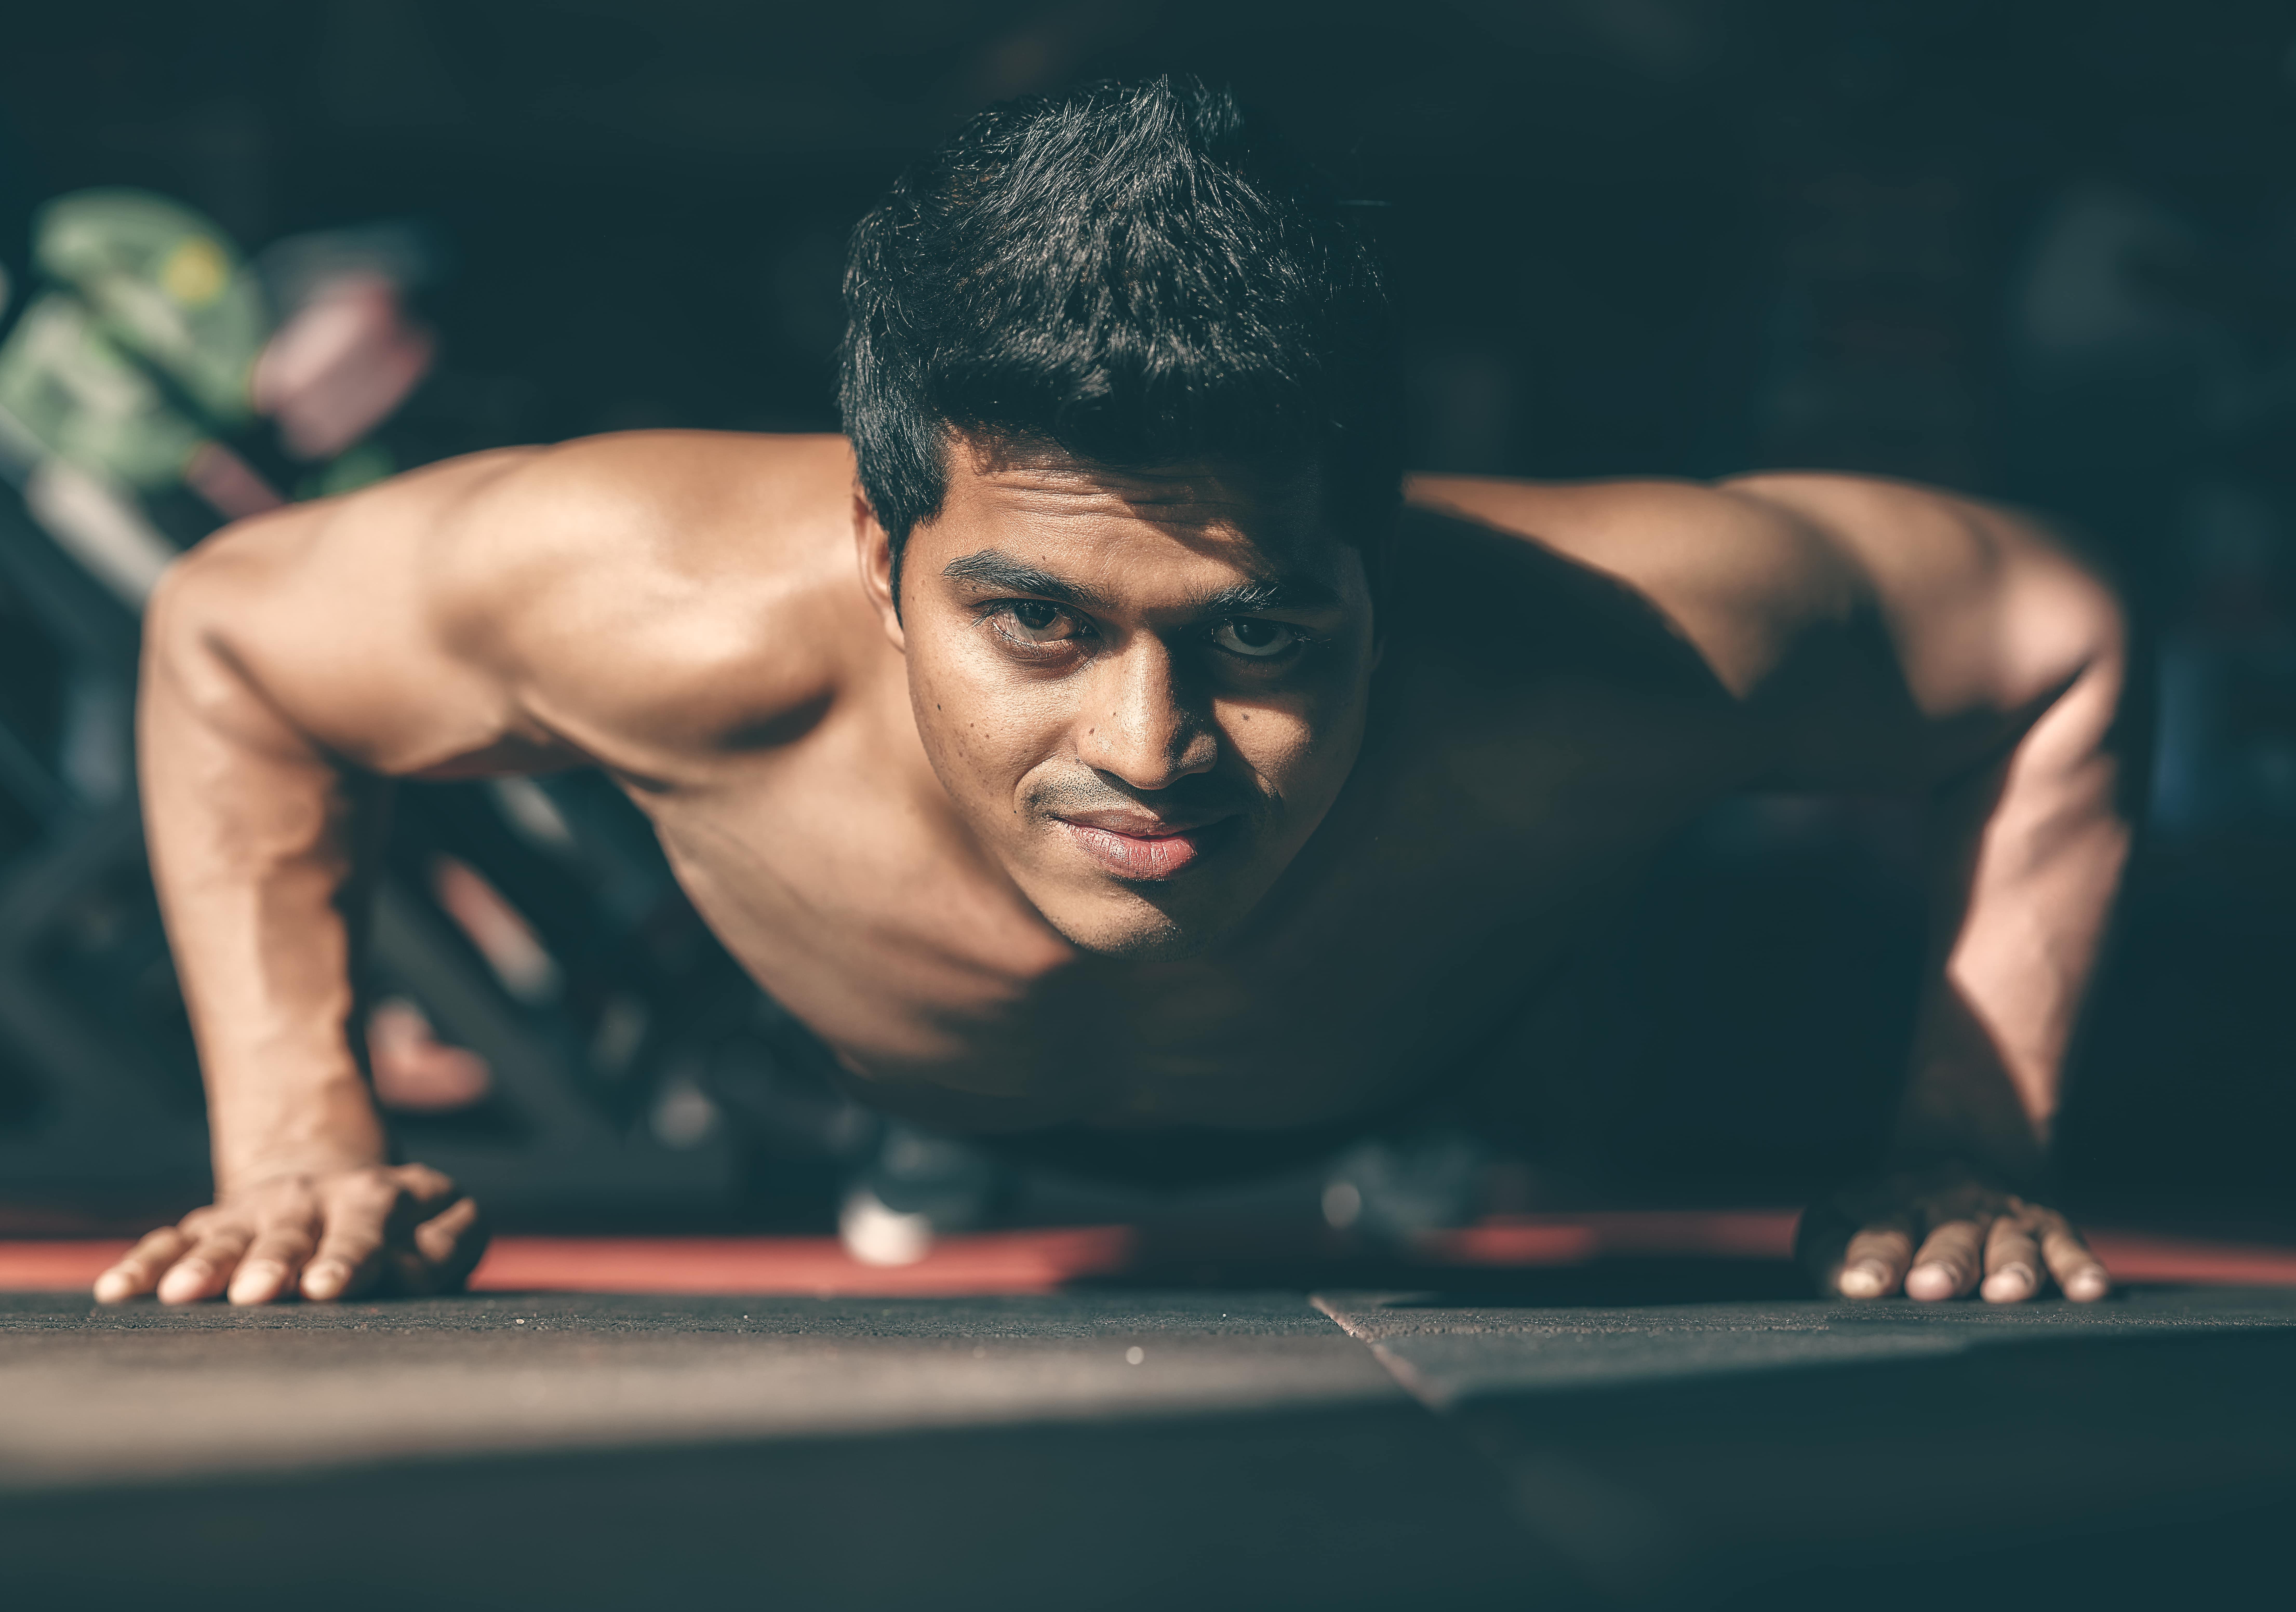 man training at gym